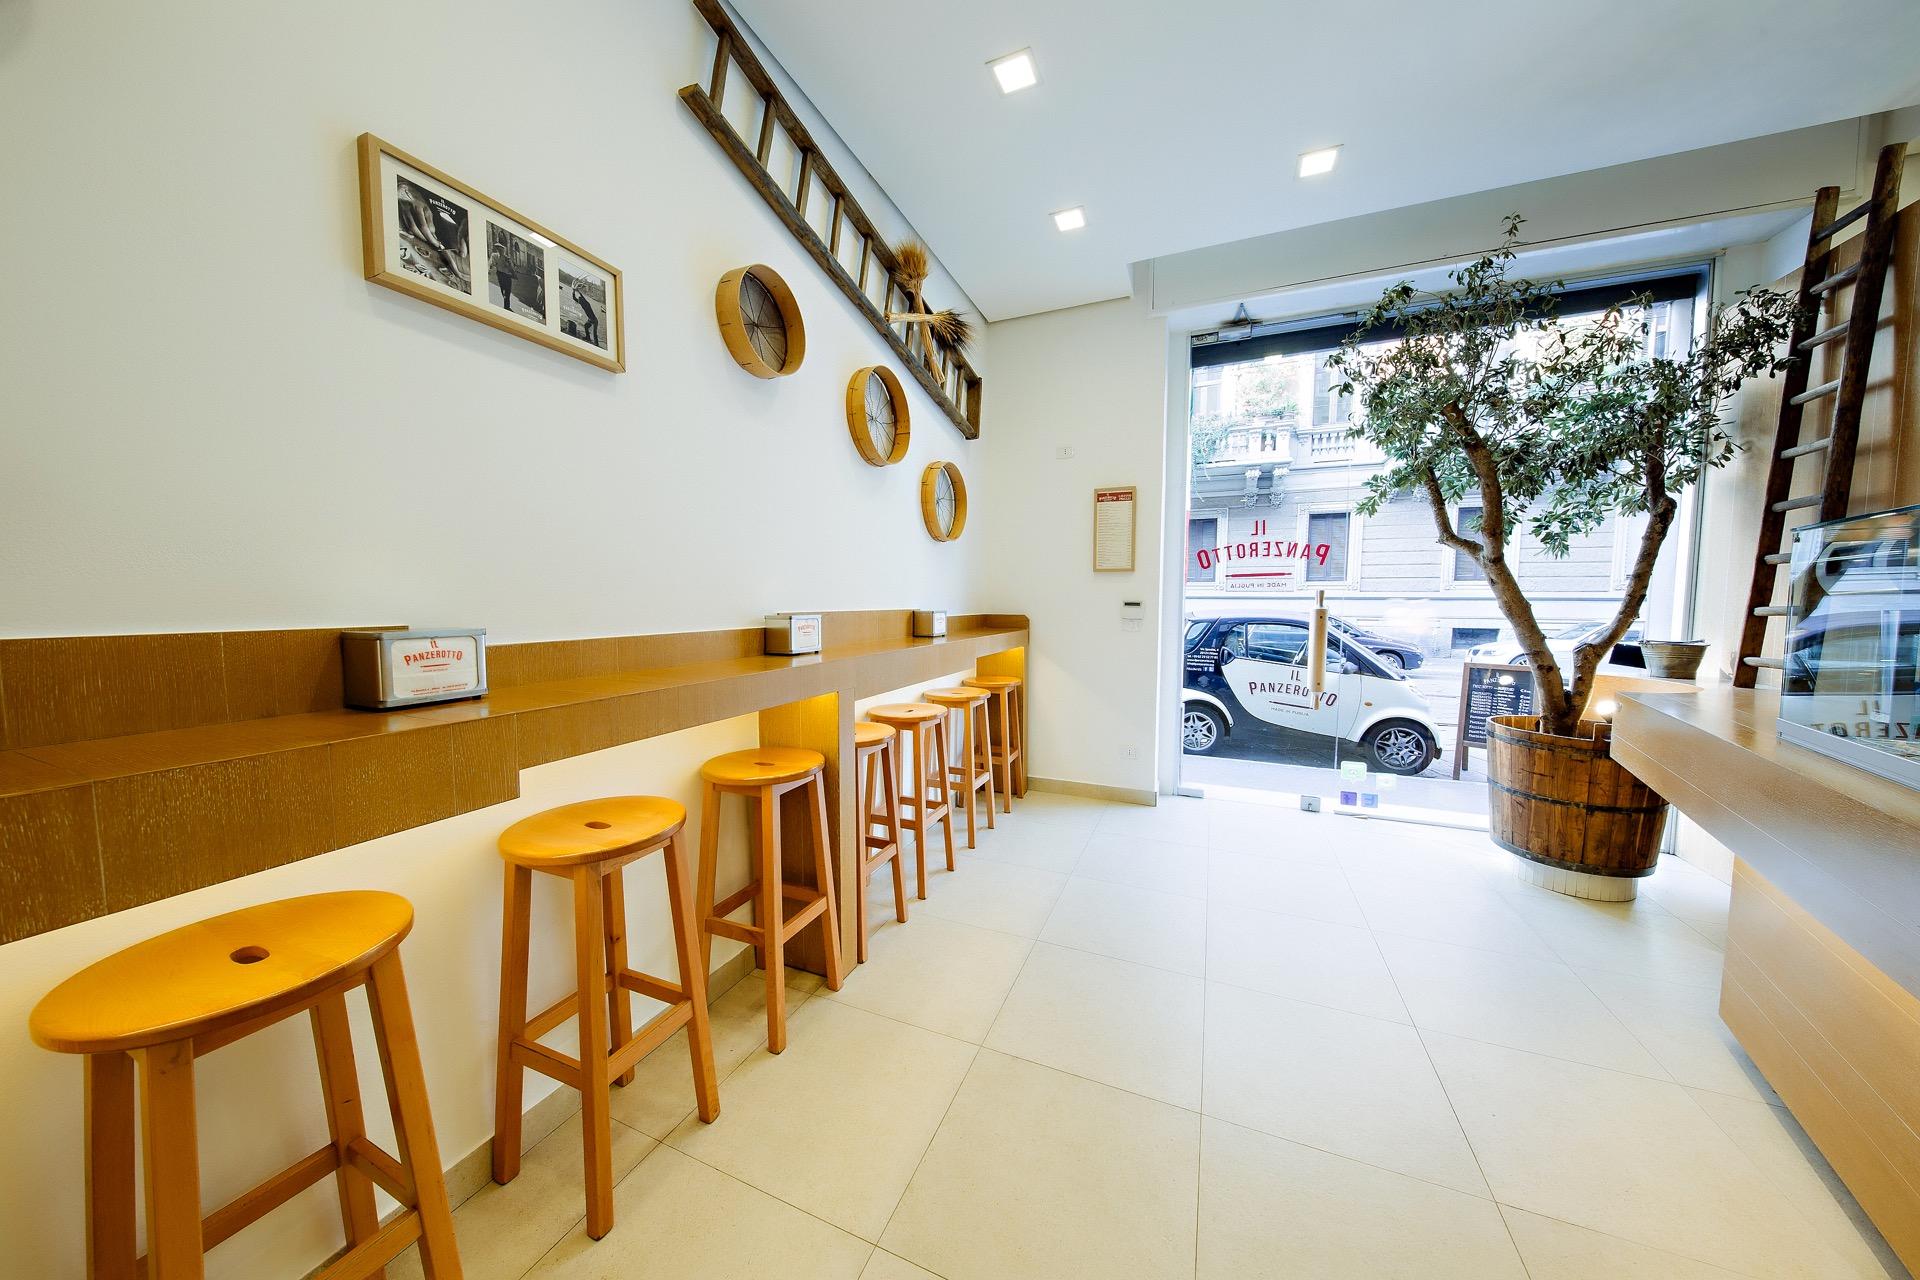 franchising street food alimentare panzerotto oanzerotti2015_05_06_Il_Panzerotto_0004